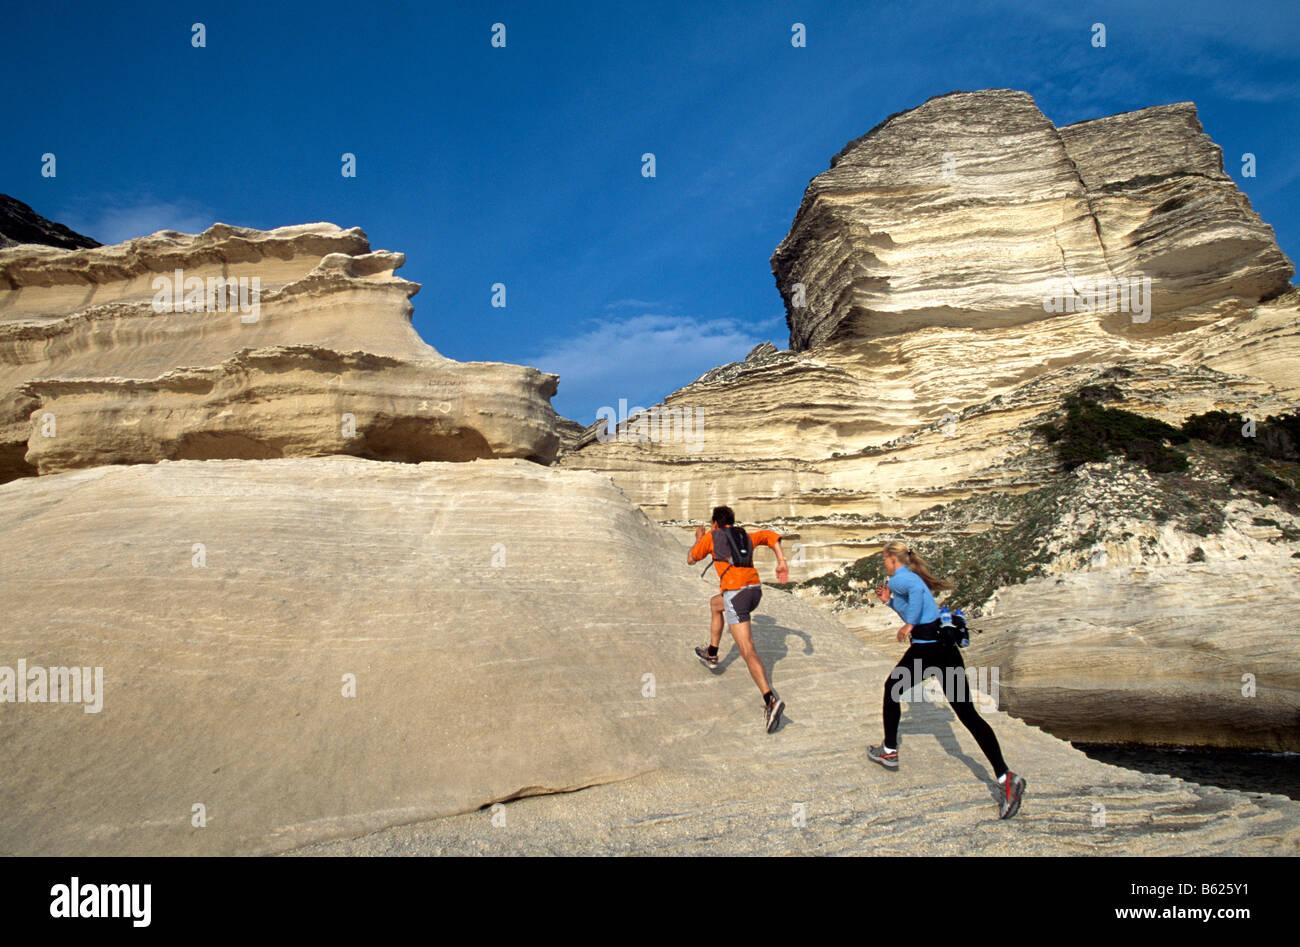 Un homme et une femme participant à la course, Crossrunning, côte escarpée, Santa Manza, Bonifacio, Photo Stock